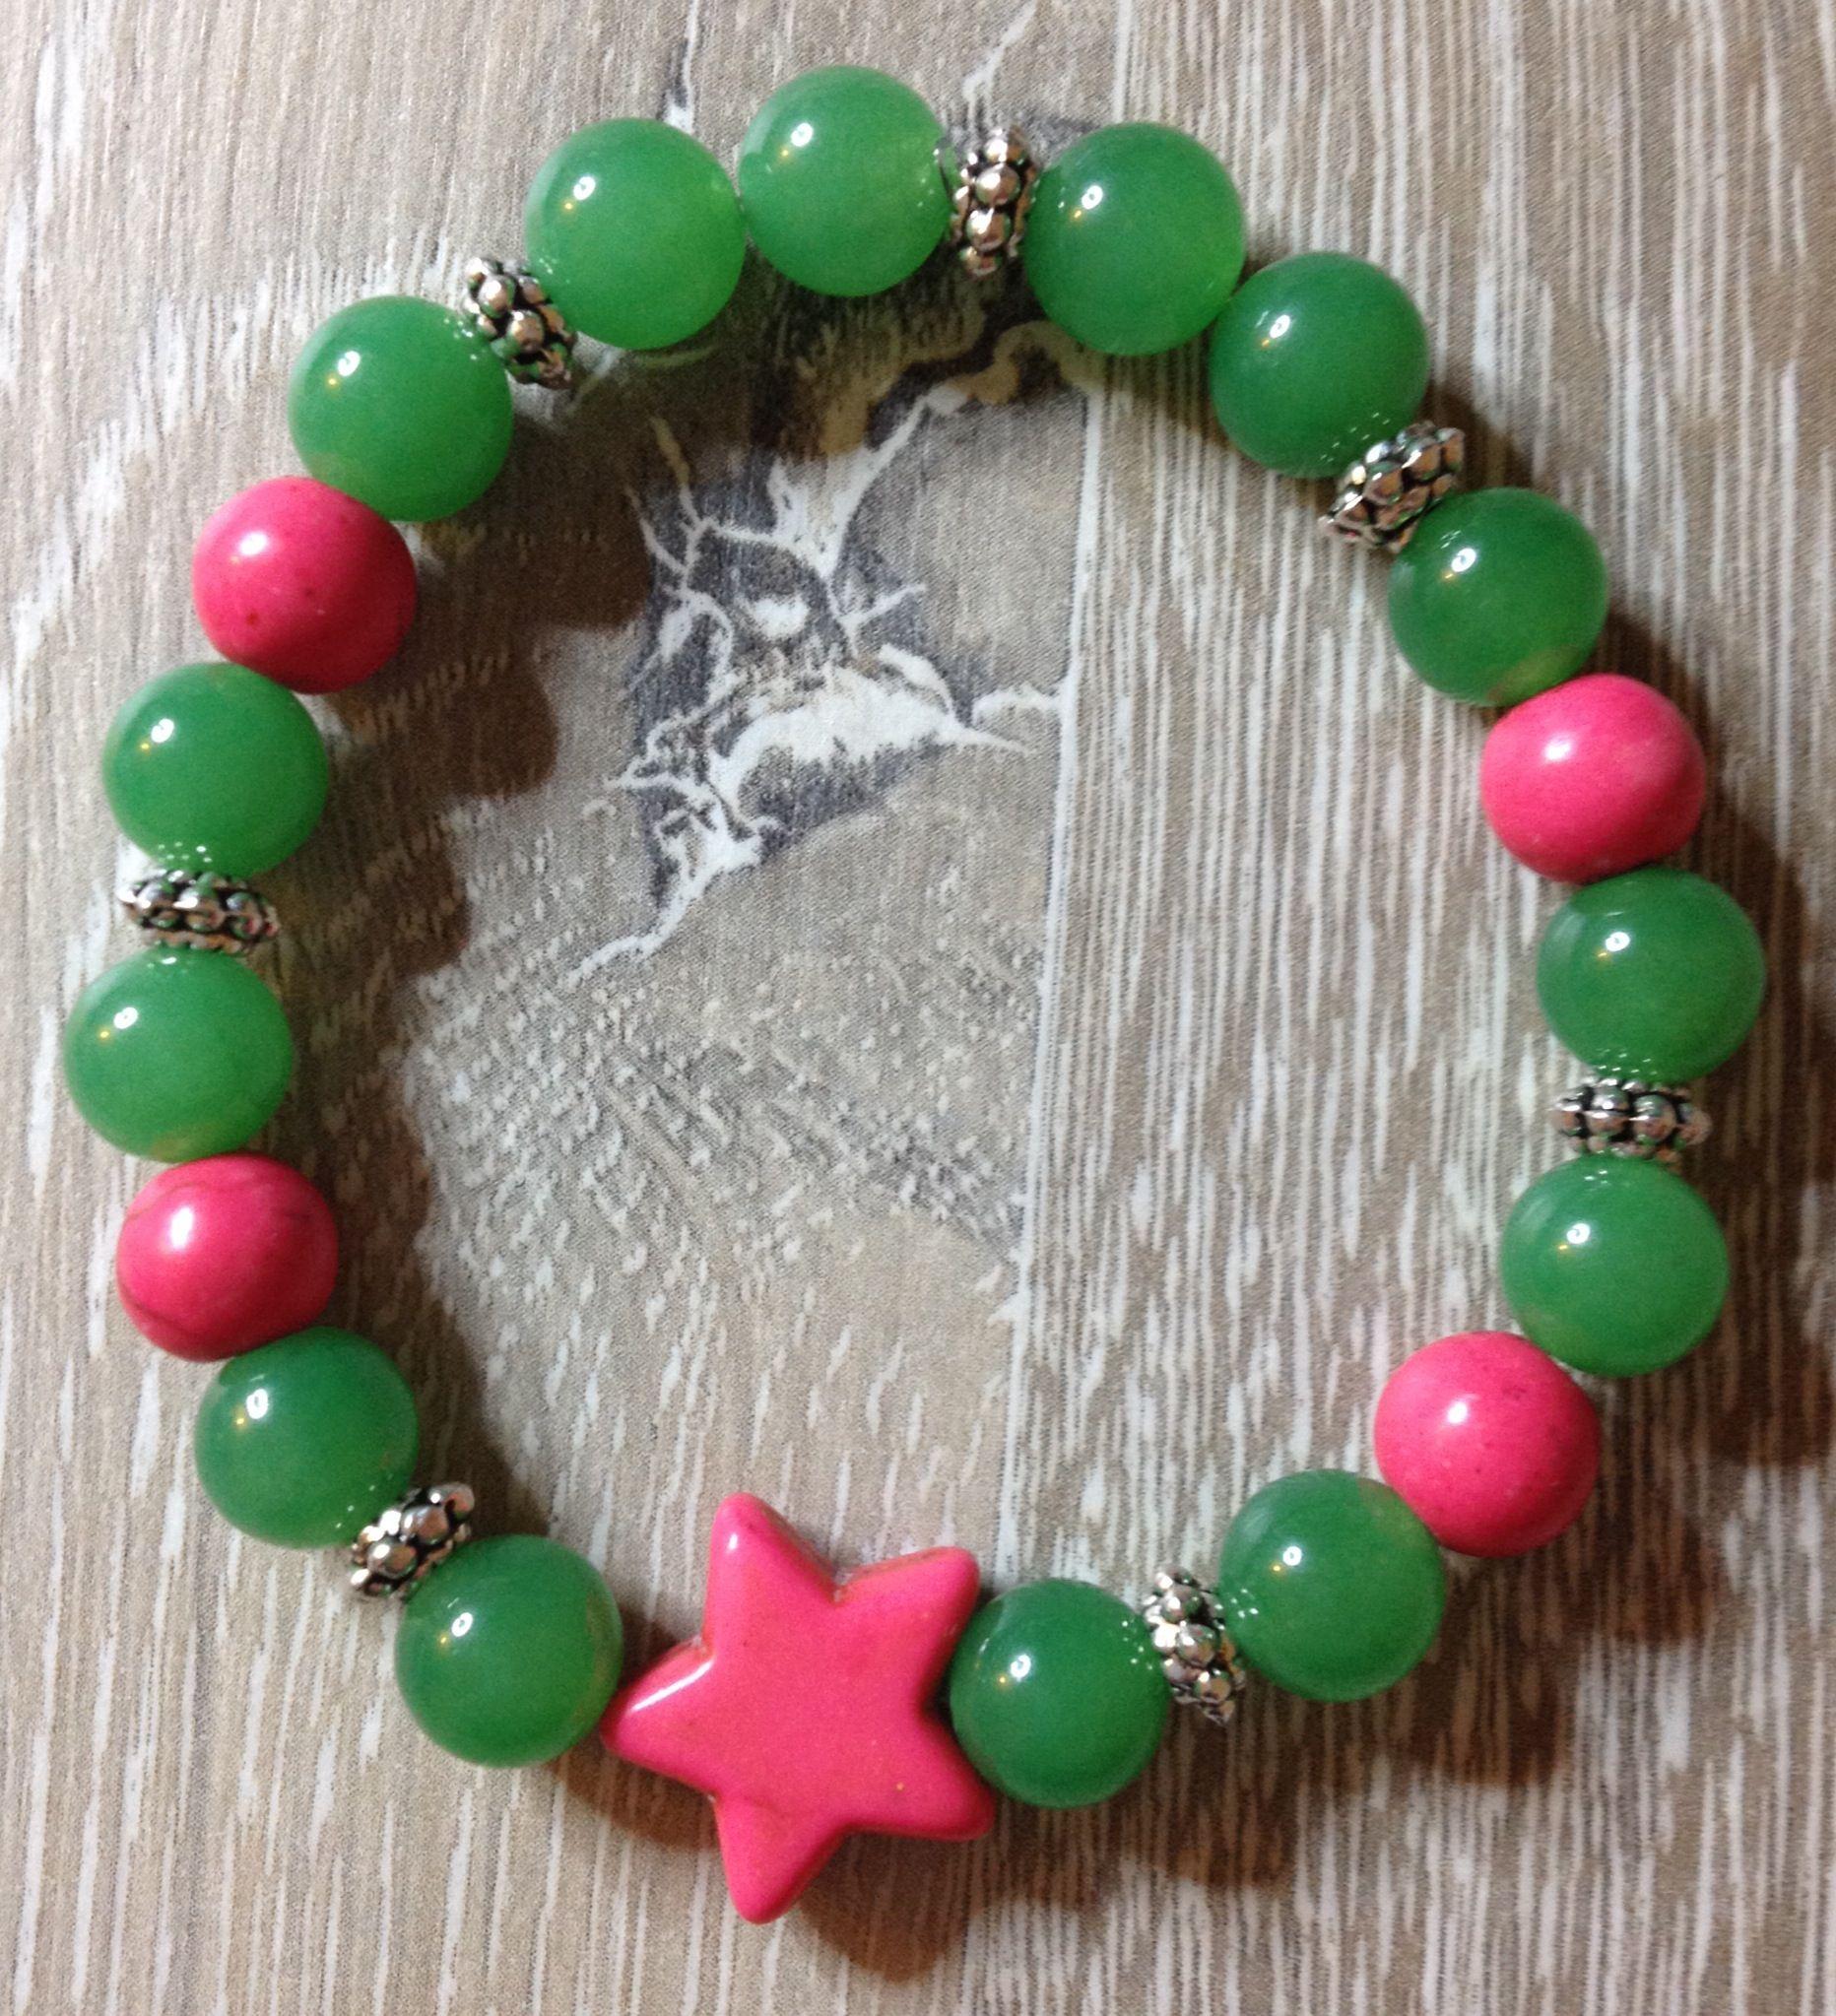 Armband van 8mm groen jade met daartussen m roze howliet, een roze howliet ster en metalen tussenkralen. Te koop bij JuudsBoetiek voor €5,00. Mail naar juudsboetiek@gmail.com om te bestellen. #groen #jade #howliet #roze #ster